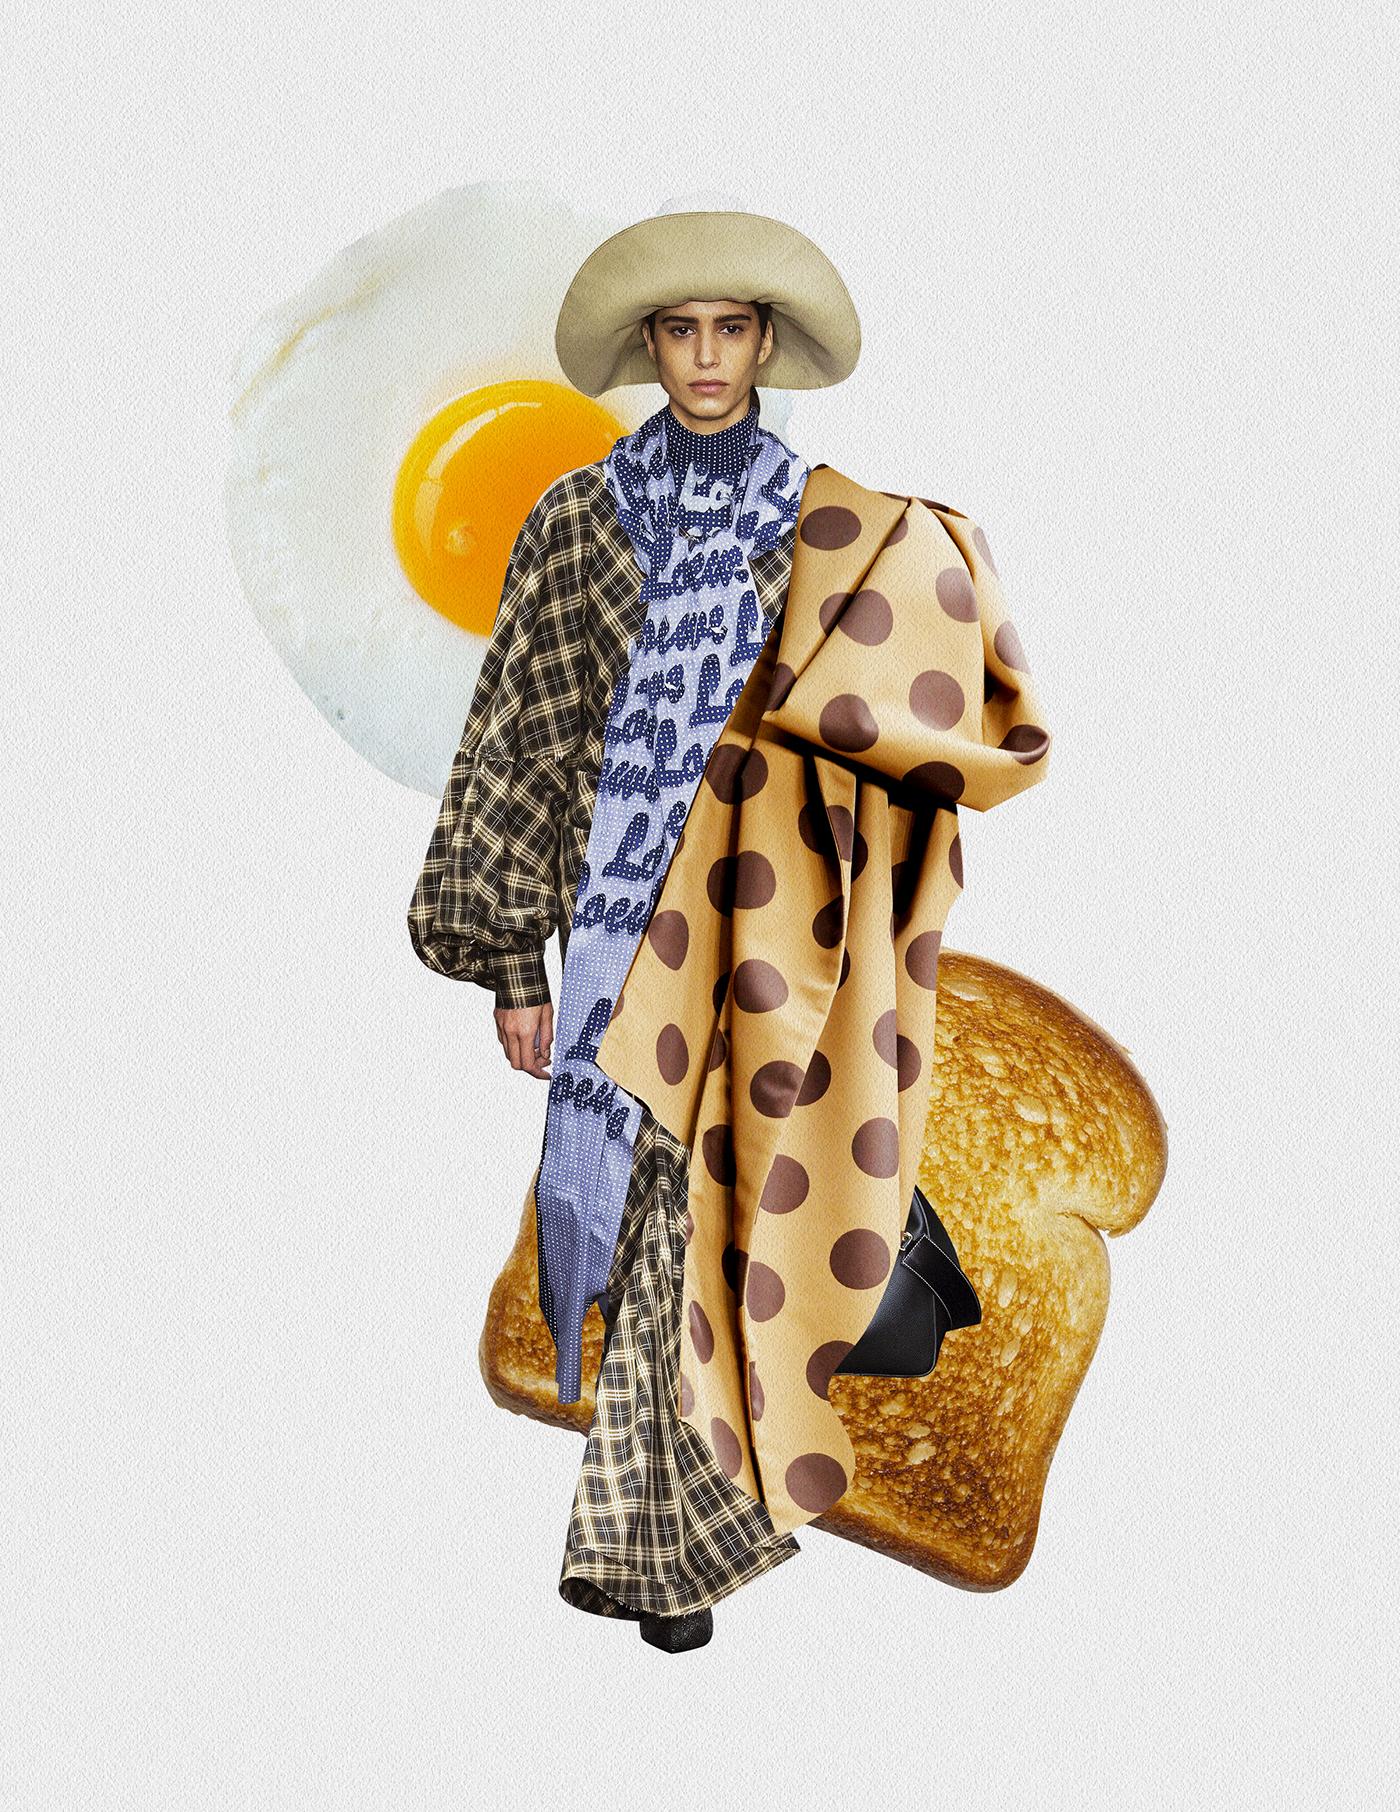 高質感的35張衣服設計圖欣賞